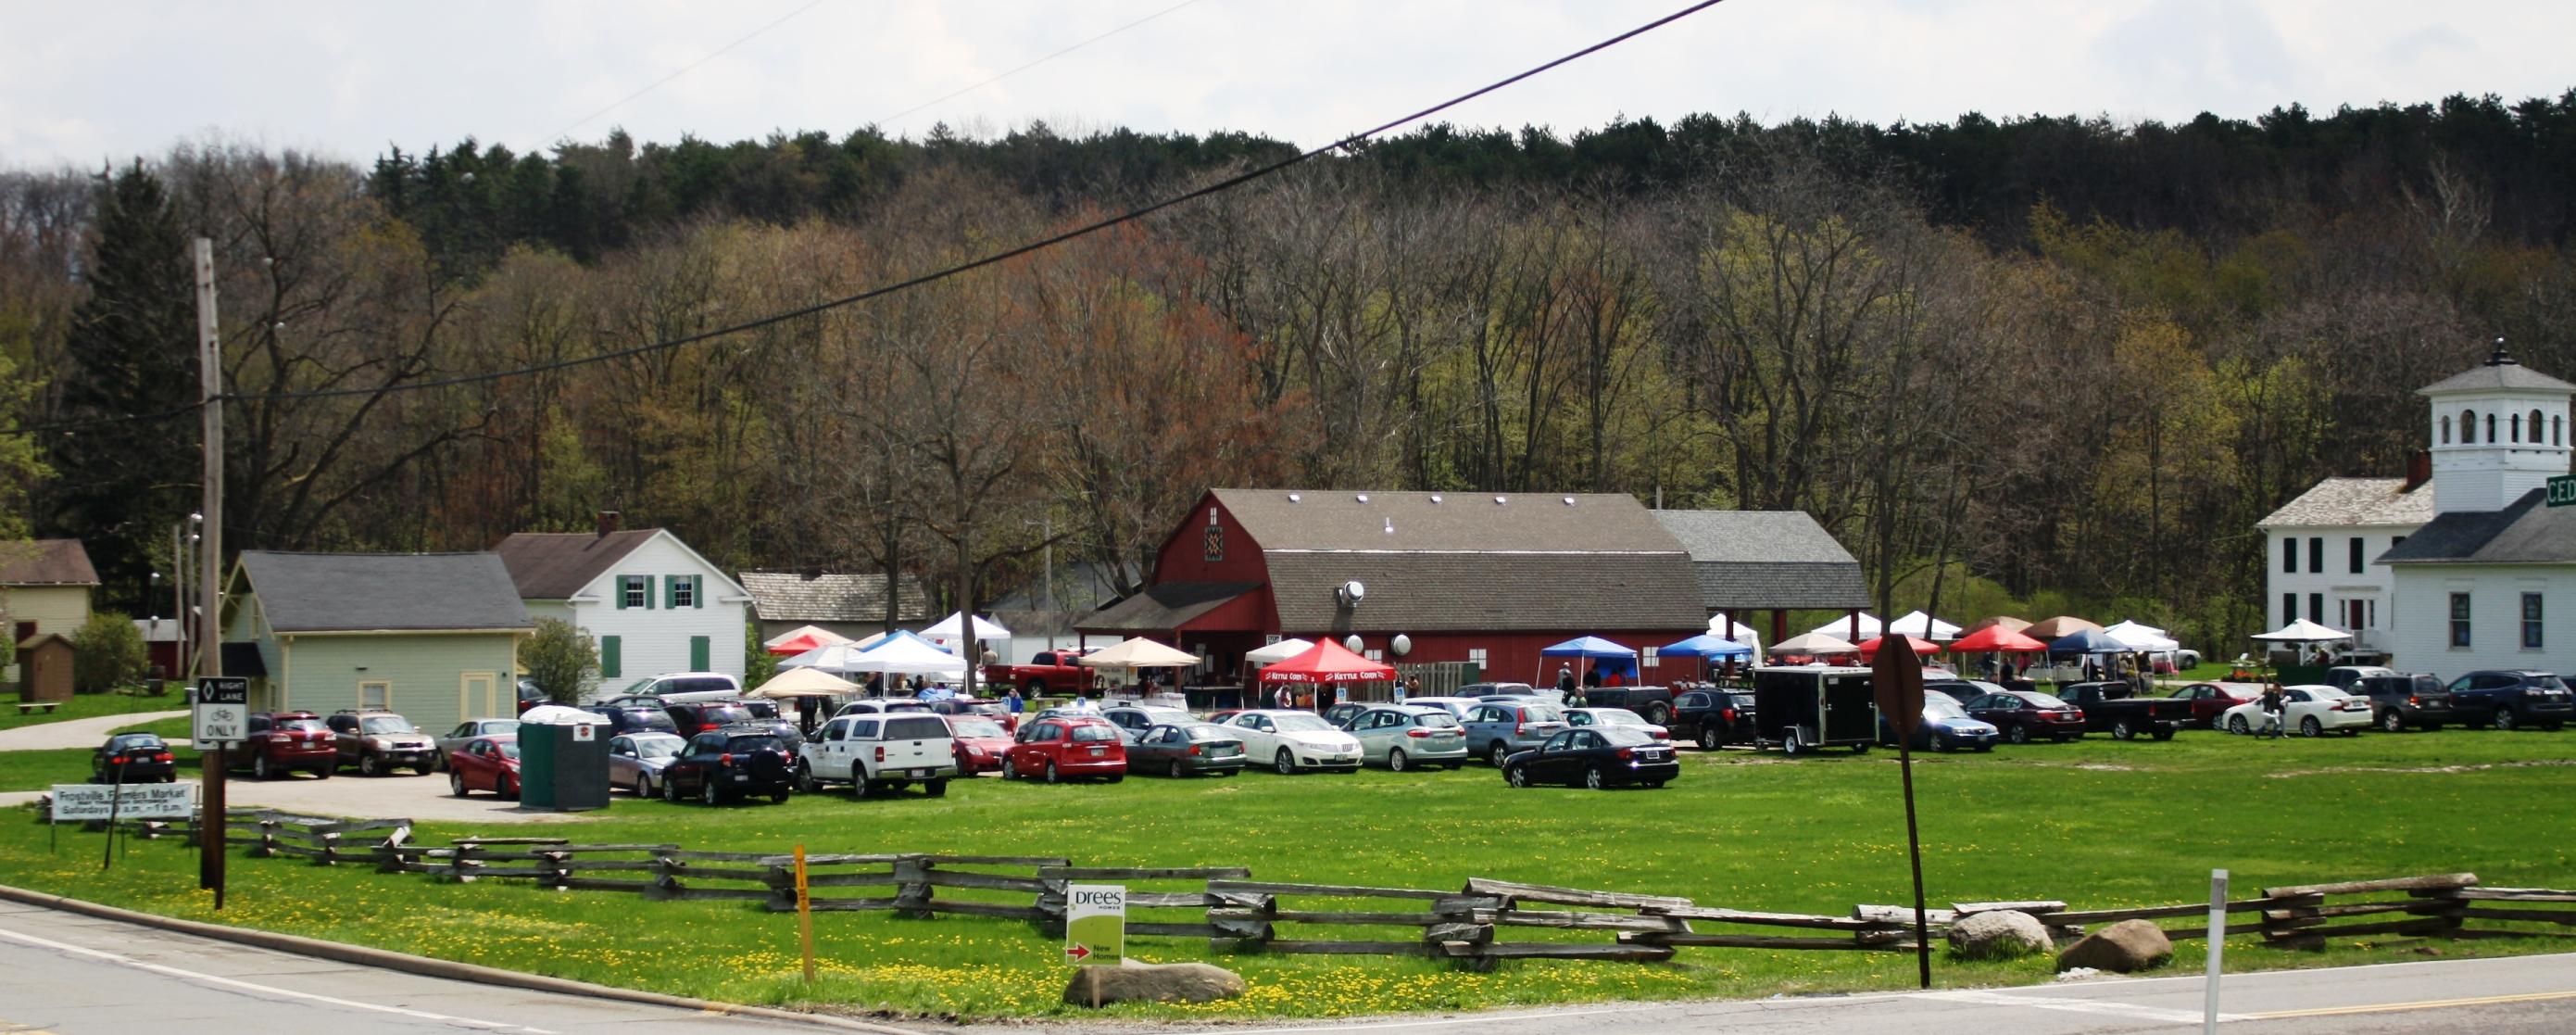 Farmers Market parking lot